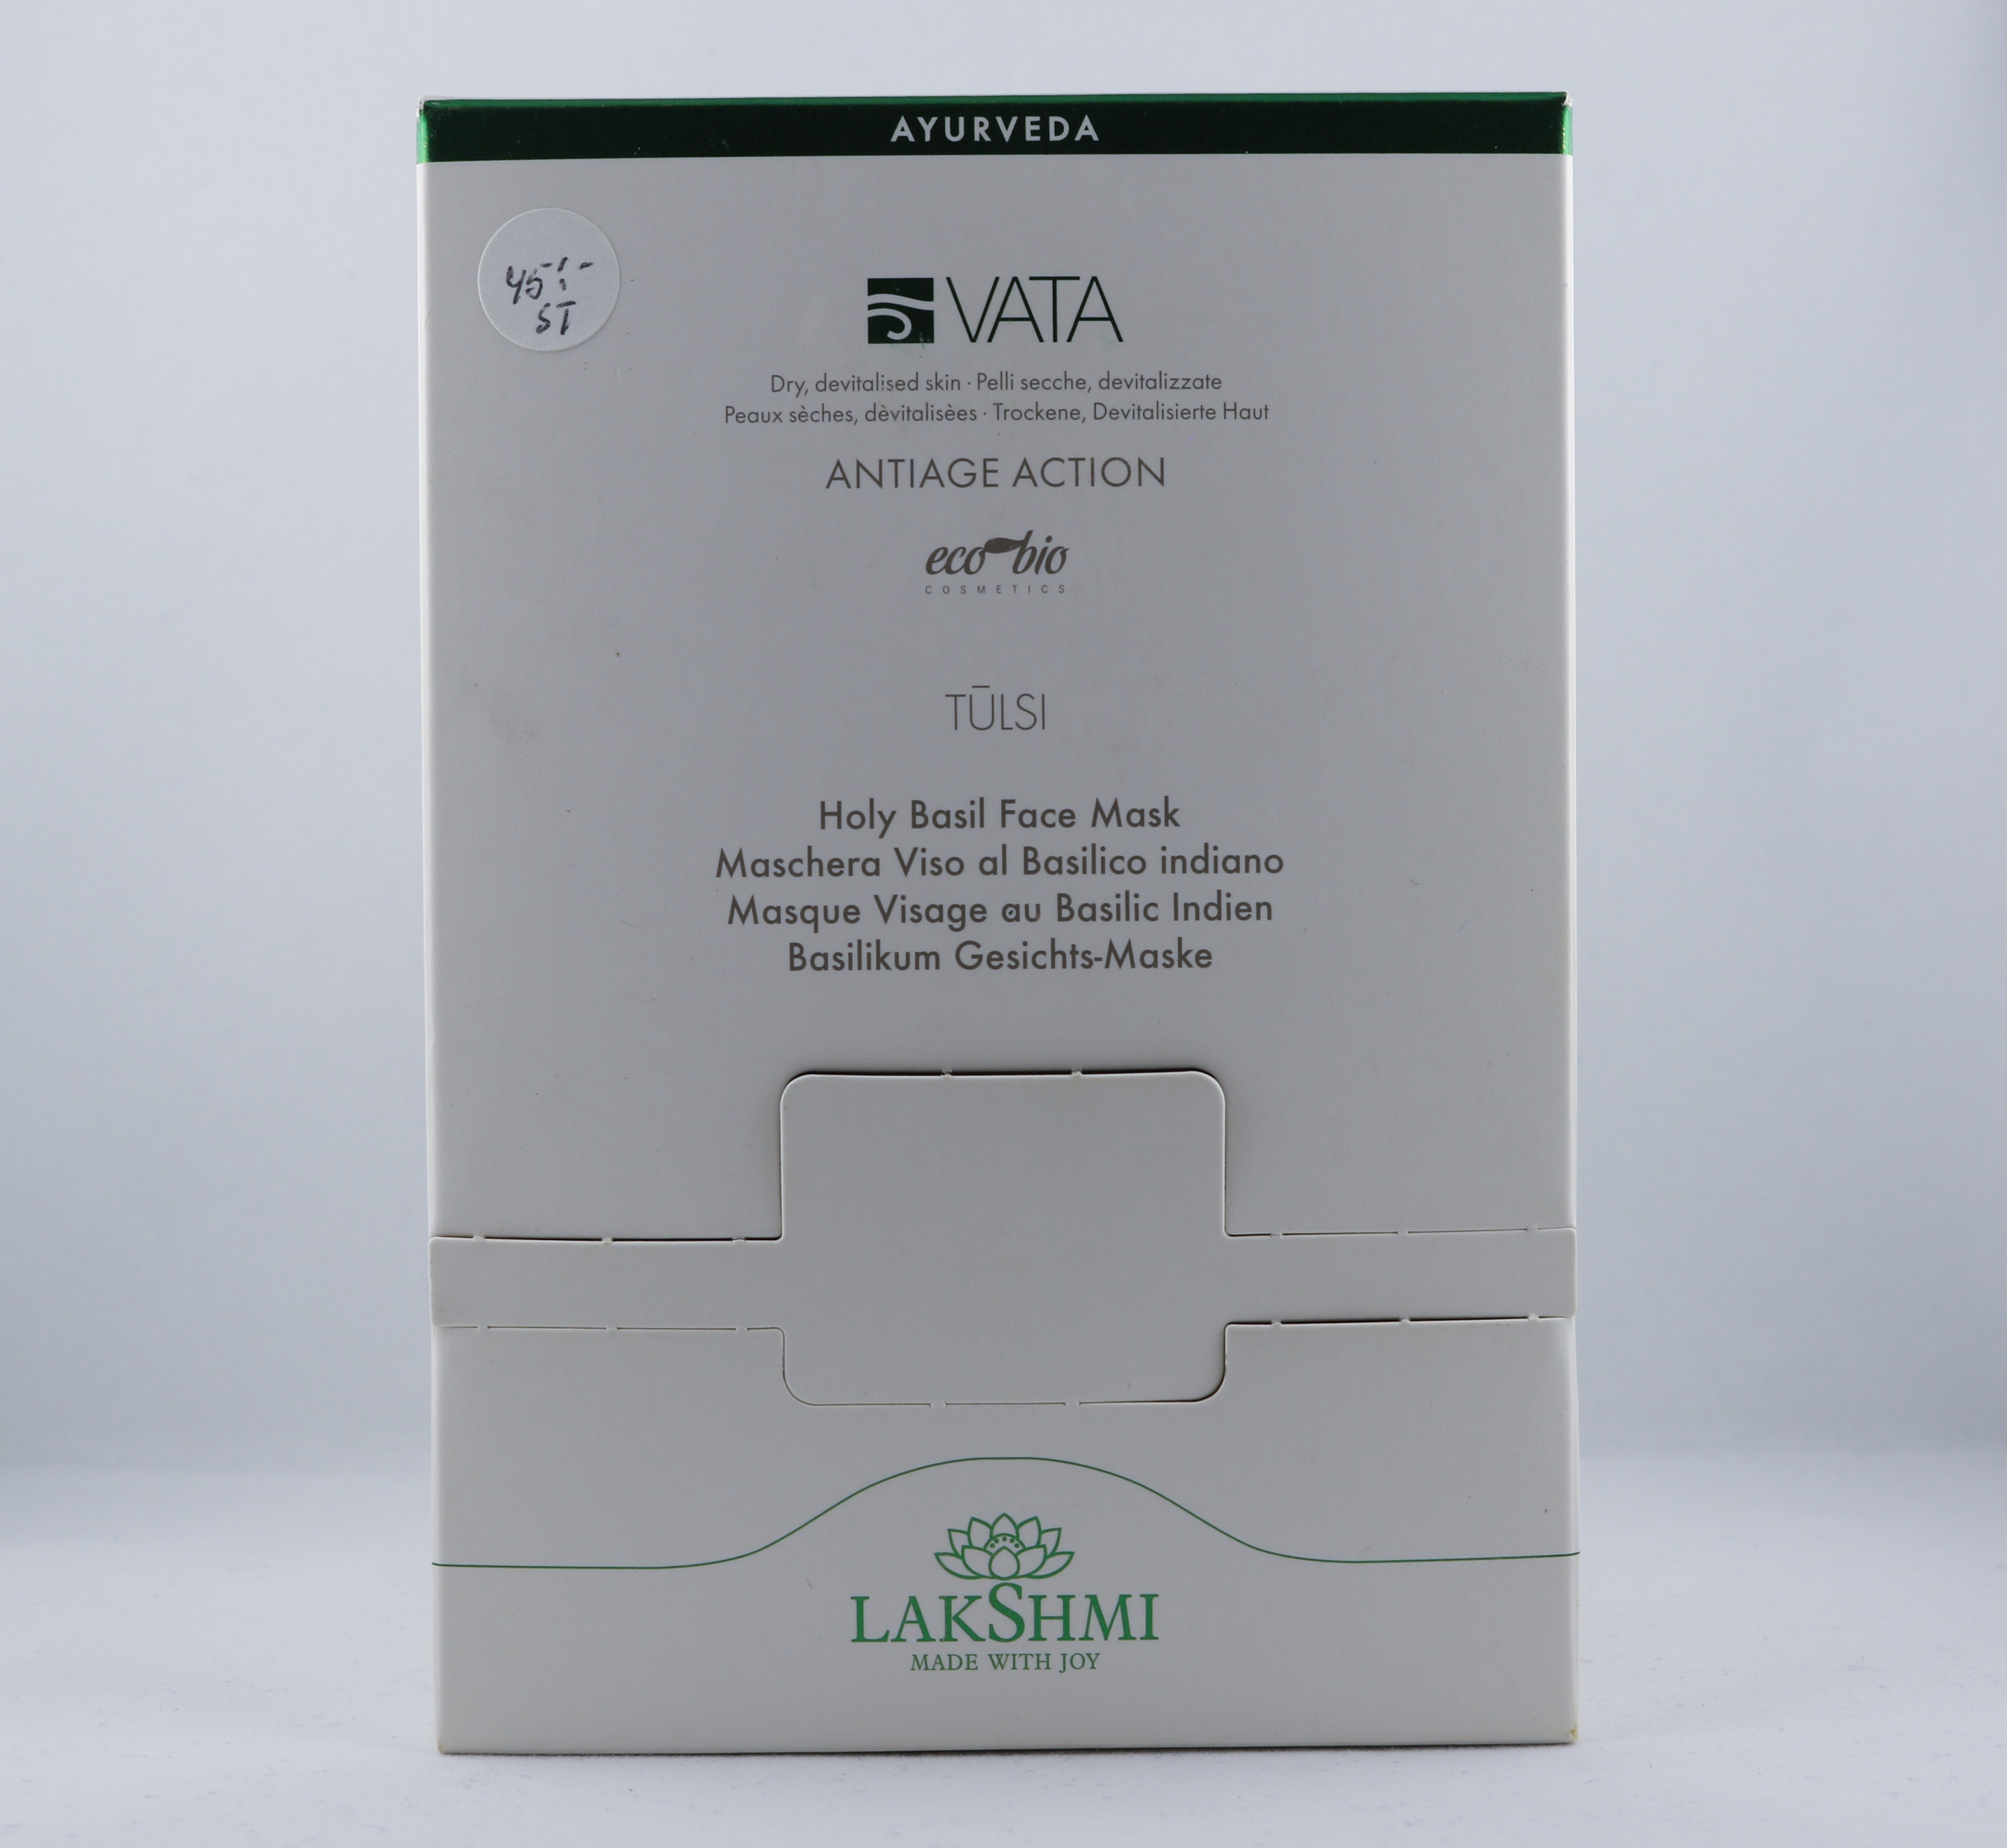 Vata Holy Basil Face Mask hudvårdsprodukt hudvårdstyp alternativ hälsa wellness ayurveda för män